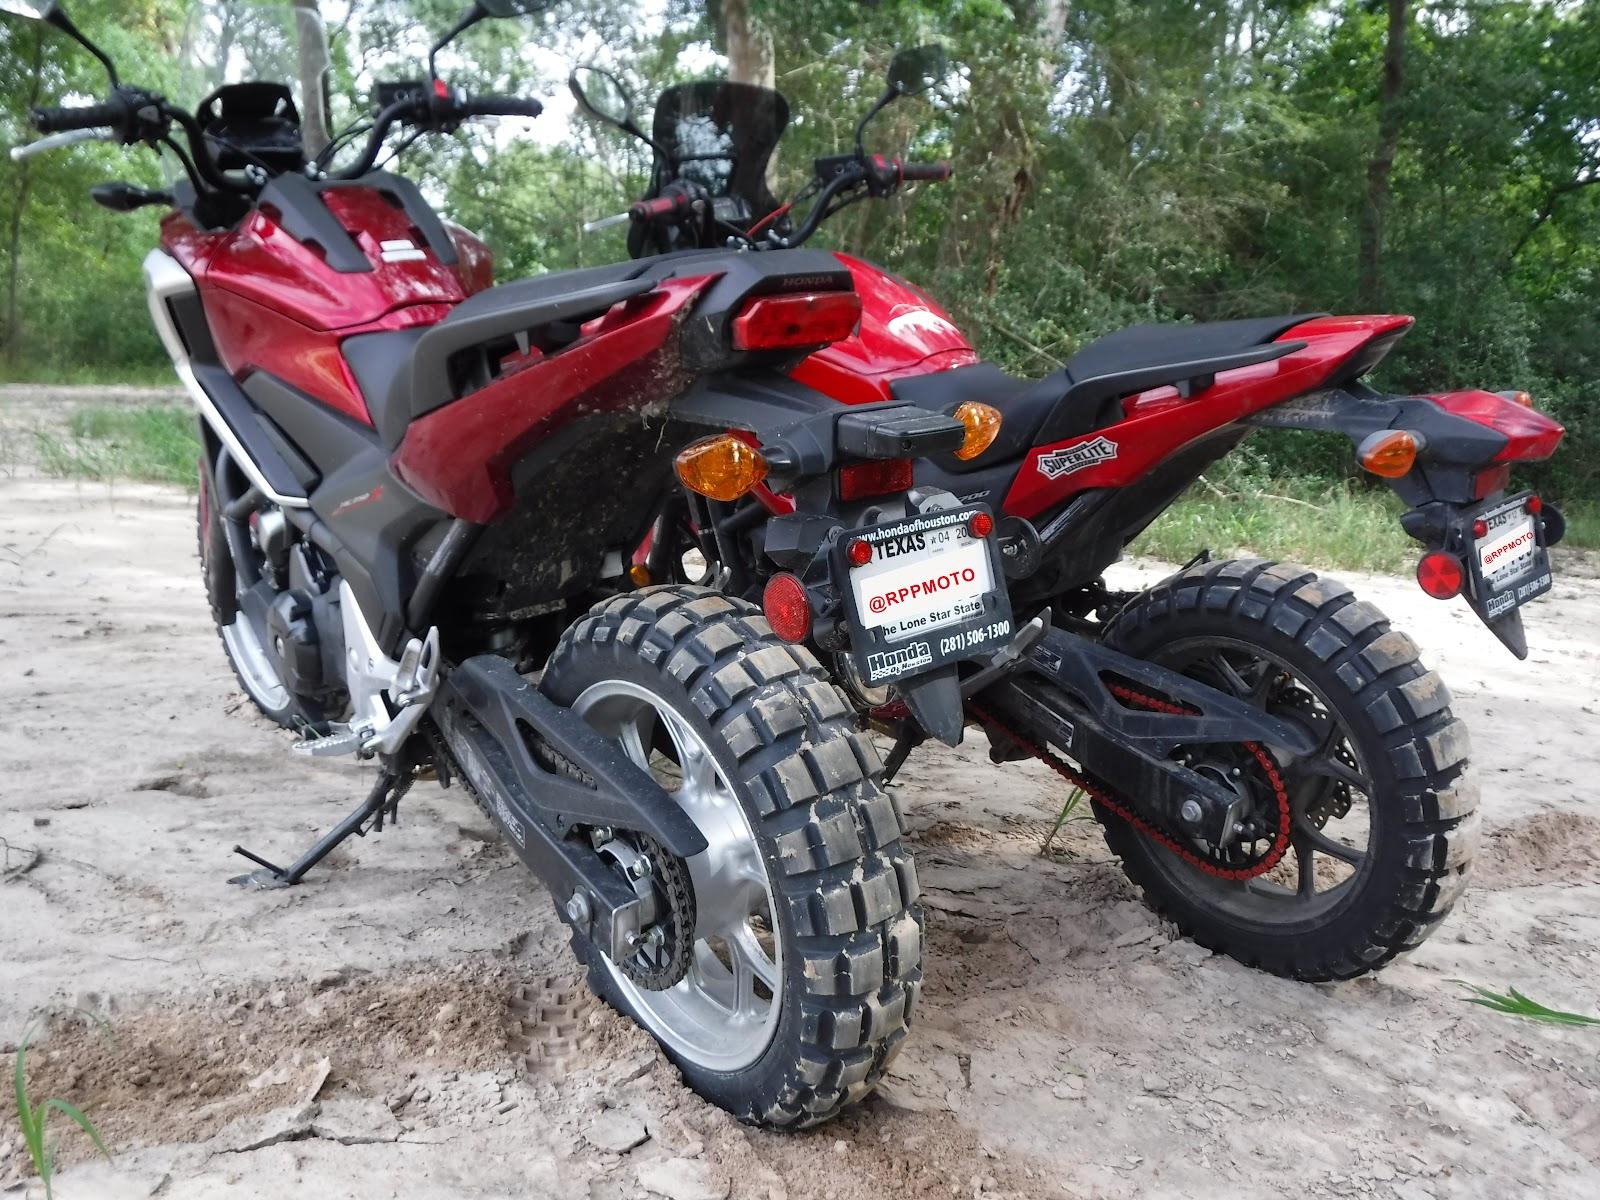 Honda NC750x and NC700x